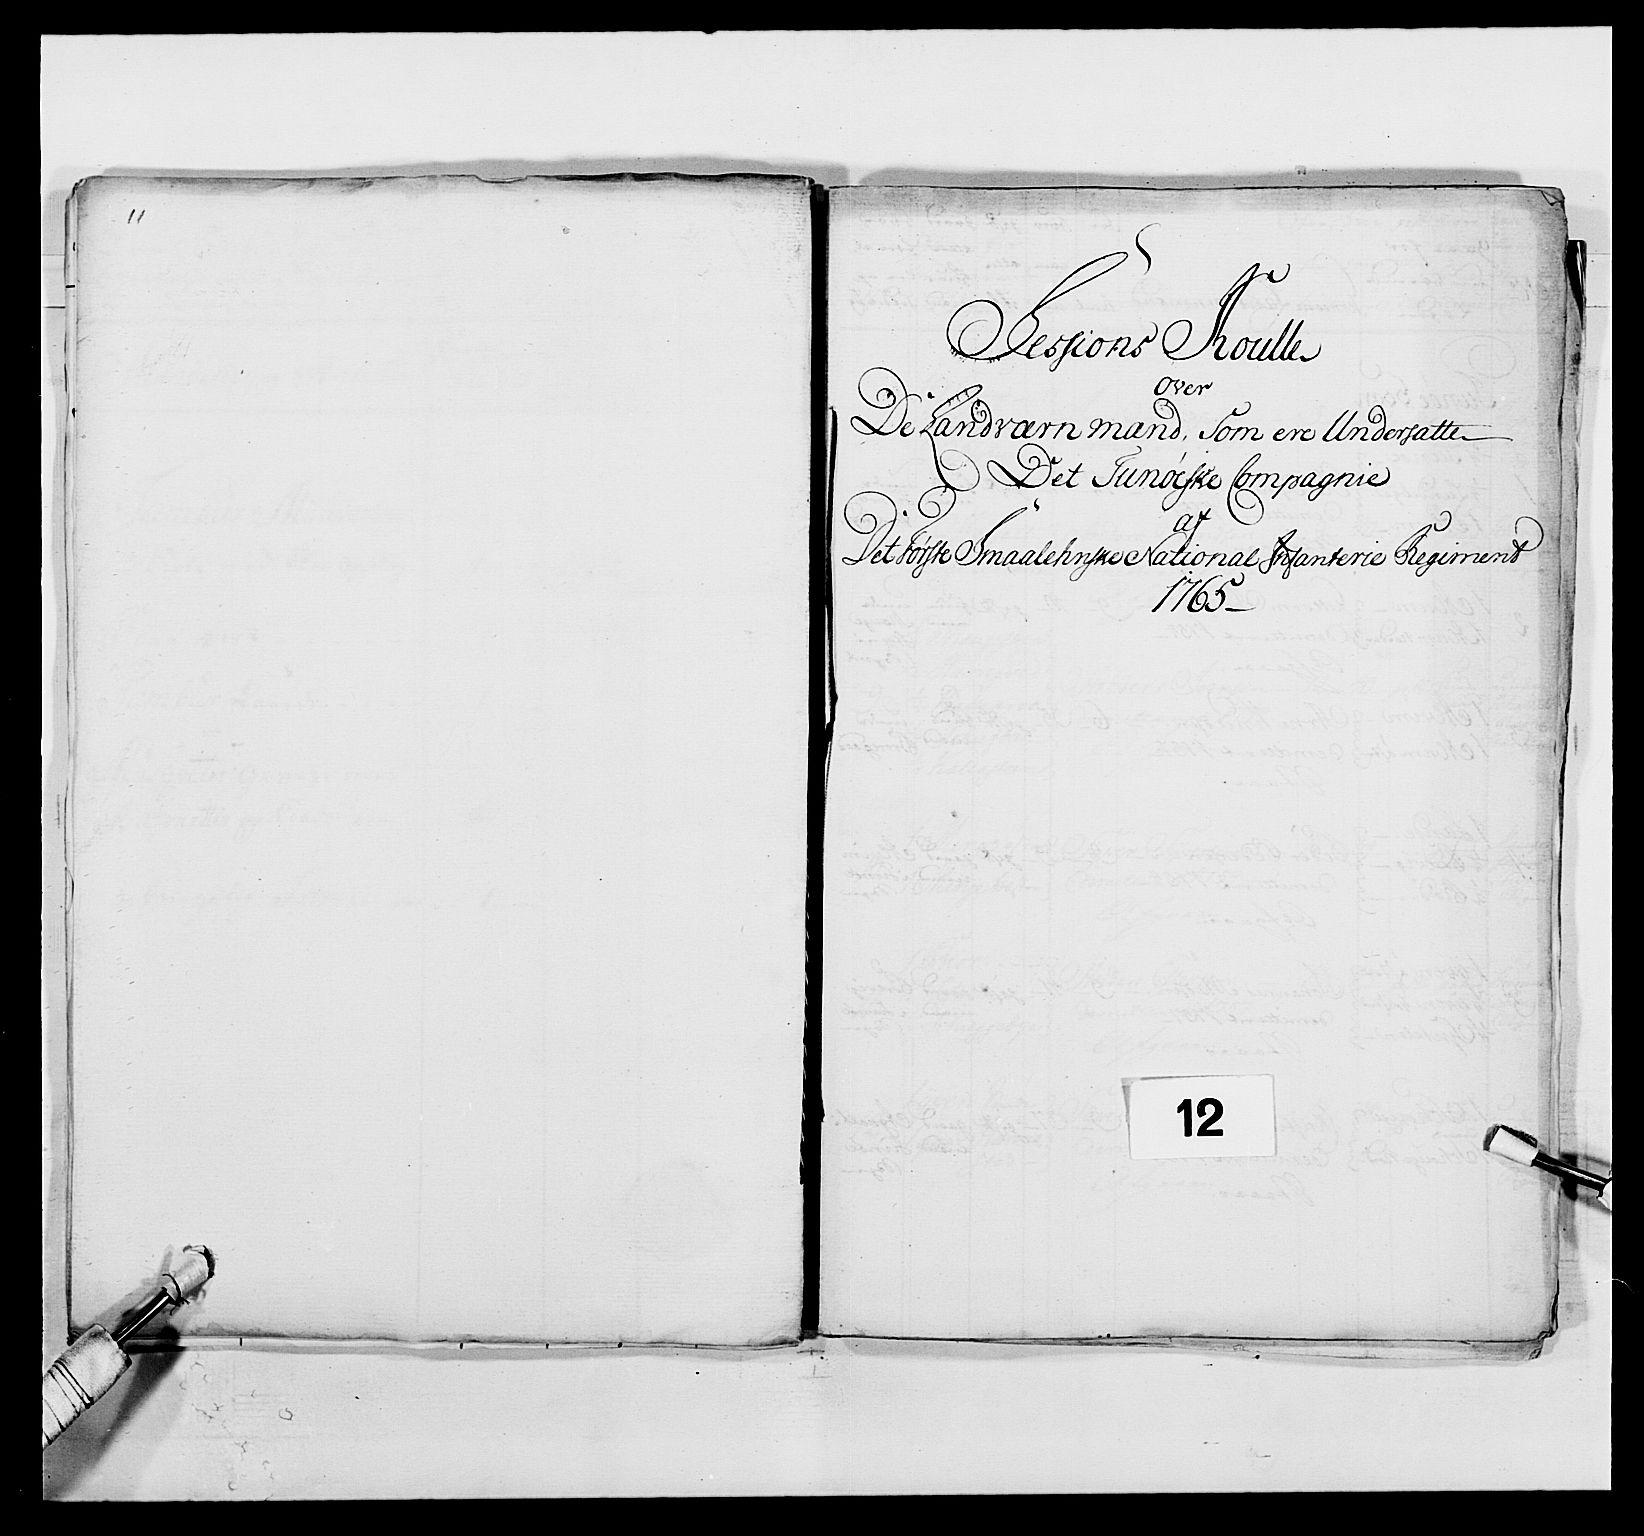 RA, Kommanderende general (KG I) med Det norske krigsdirektorium, E/Ea/L0496: 1. Smålenske regiment, 1765-1767, s. 88